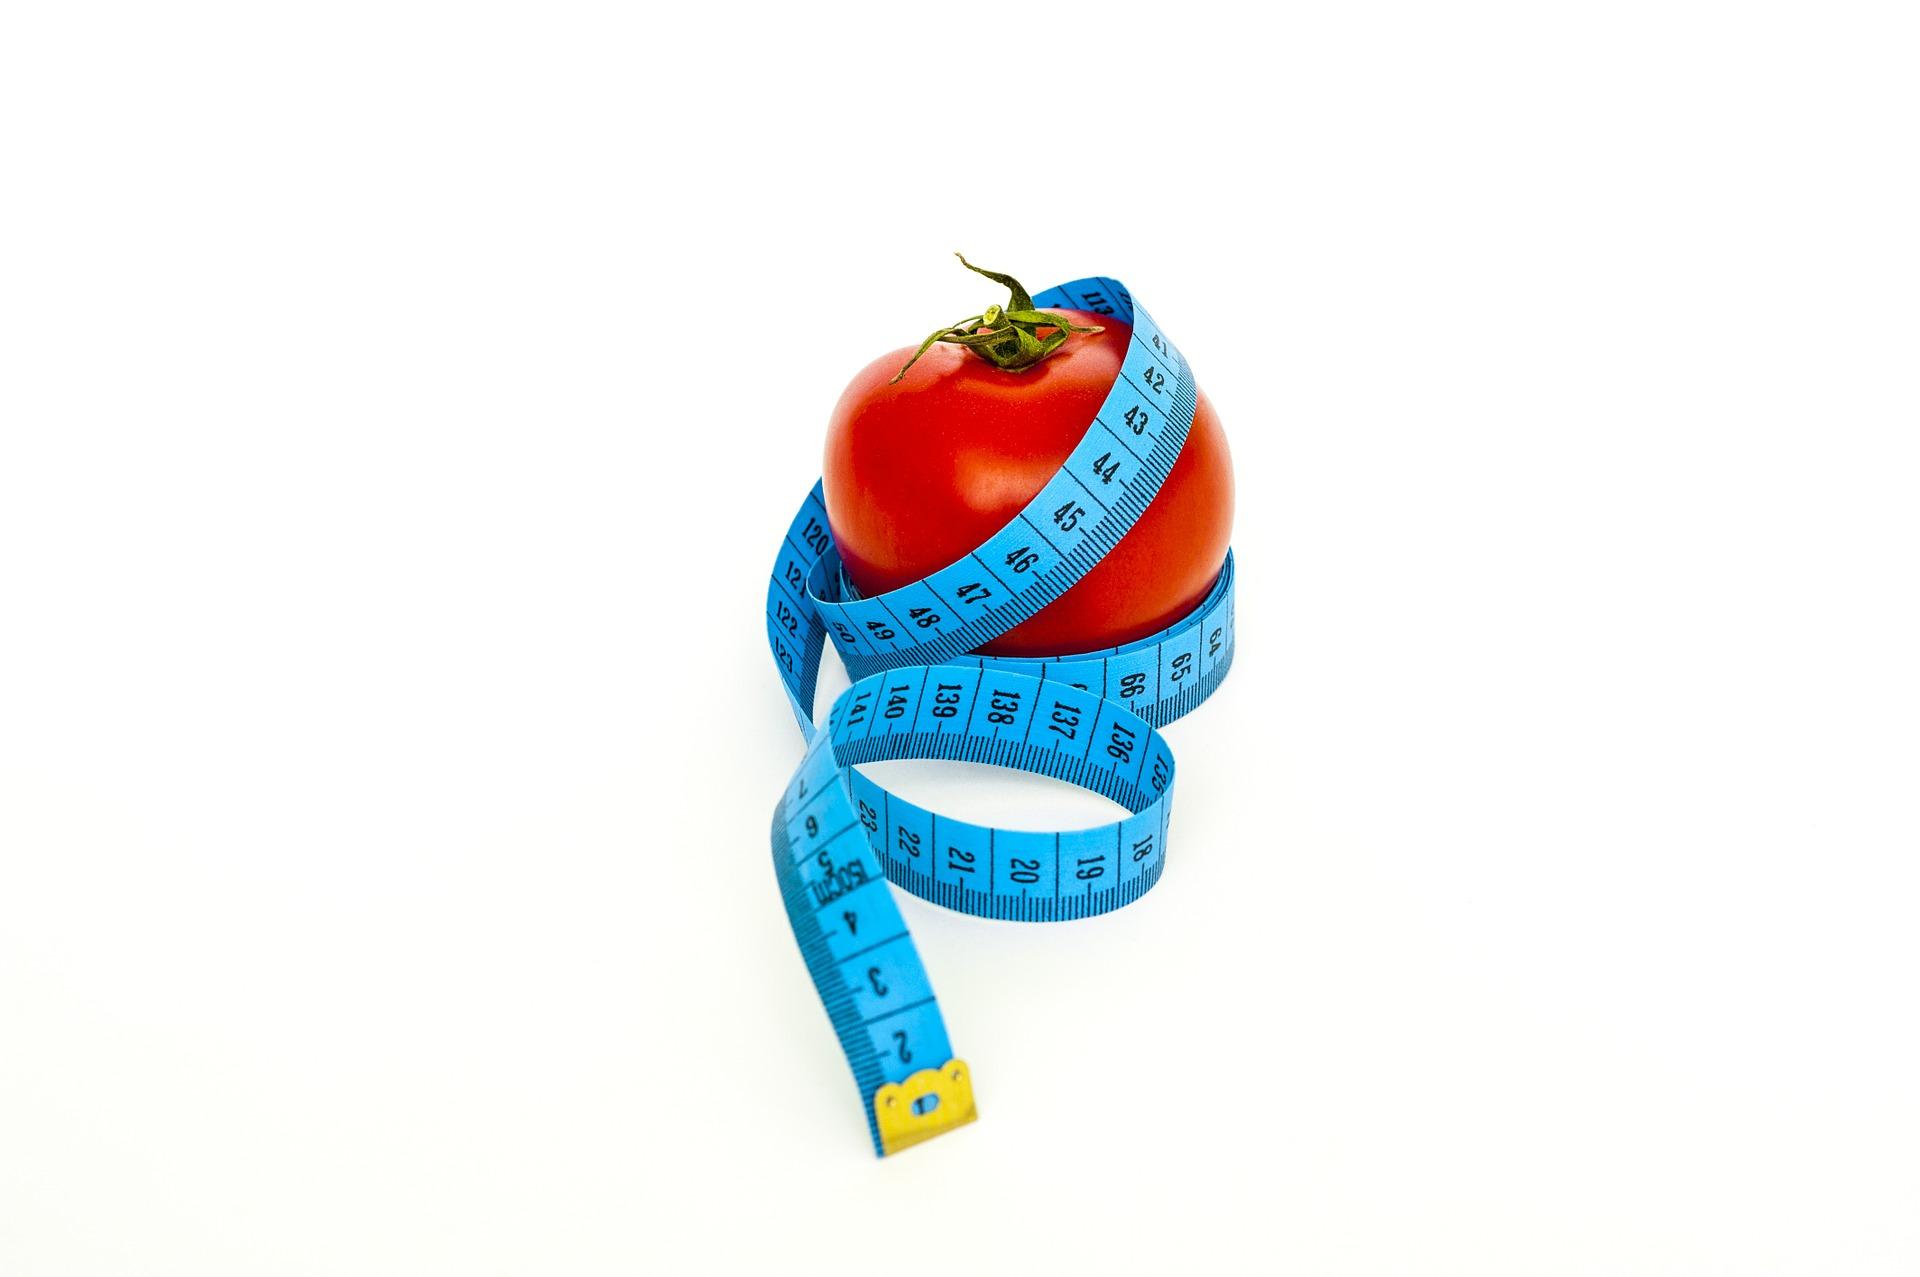 cele mai bune sfaturi de pierdere în greutate